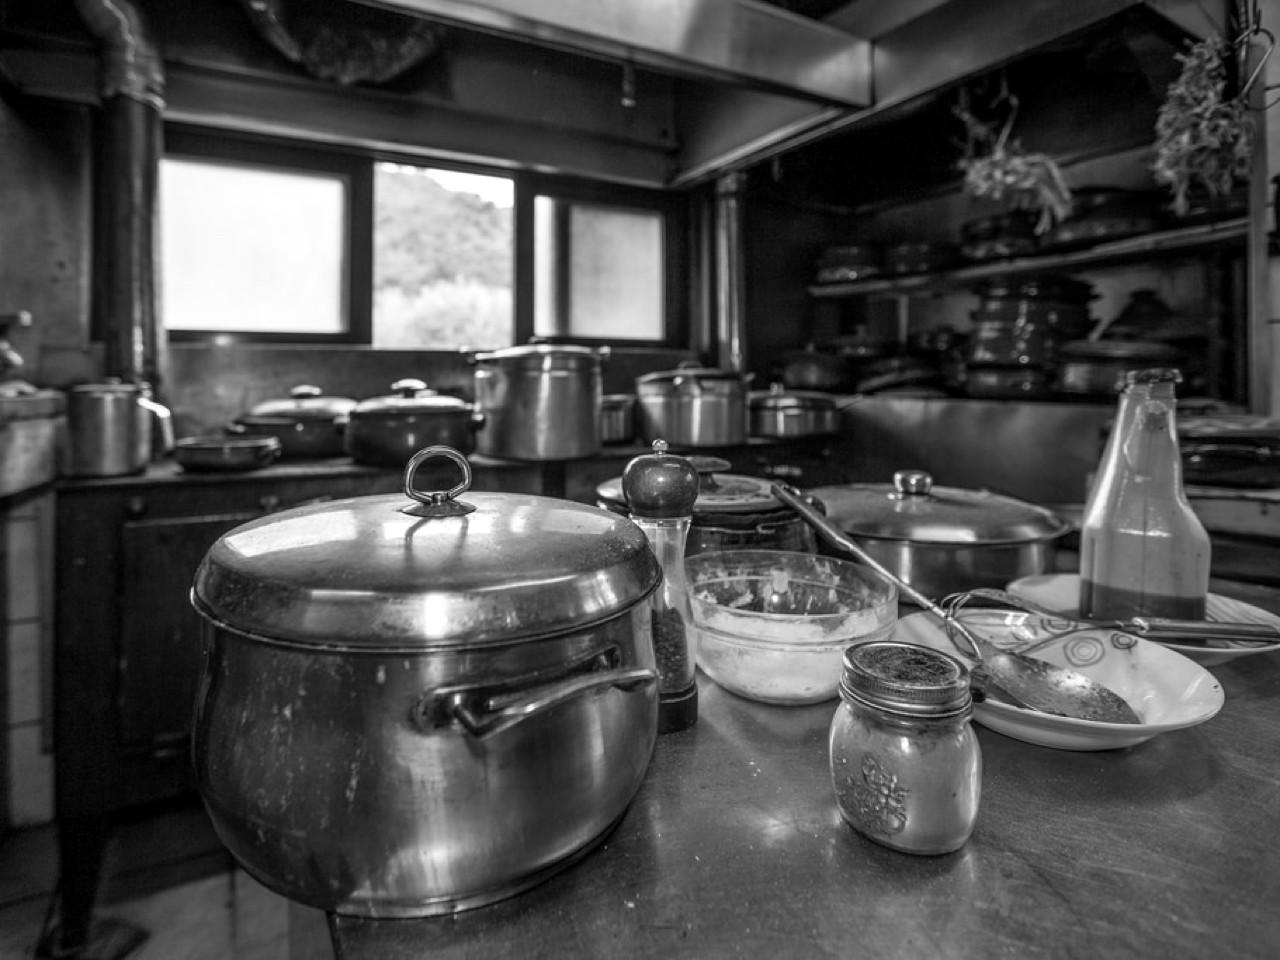 dounias taverna drakonas chania, drakonas chania dounias restaurant, dounias chania crete, best eatery chania, where to eat chania crete, best traditional food chania crete, alternative eatery chania crete